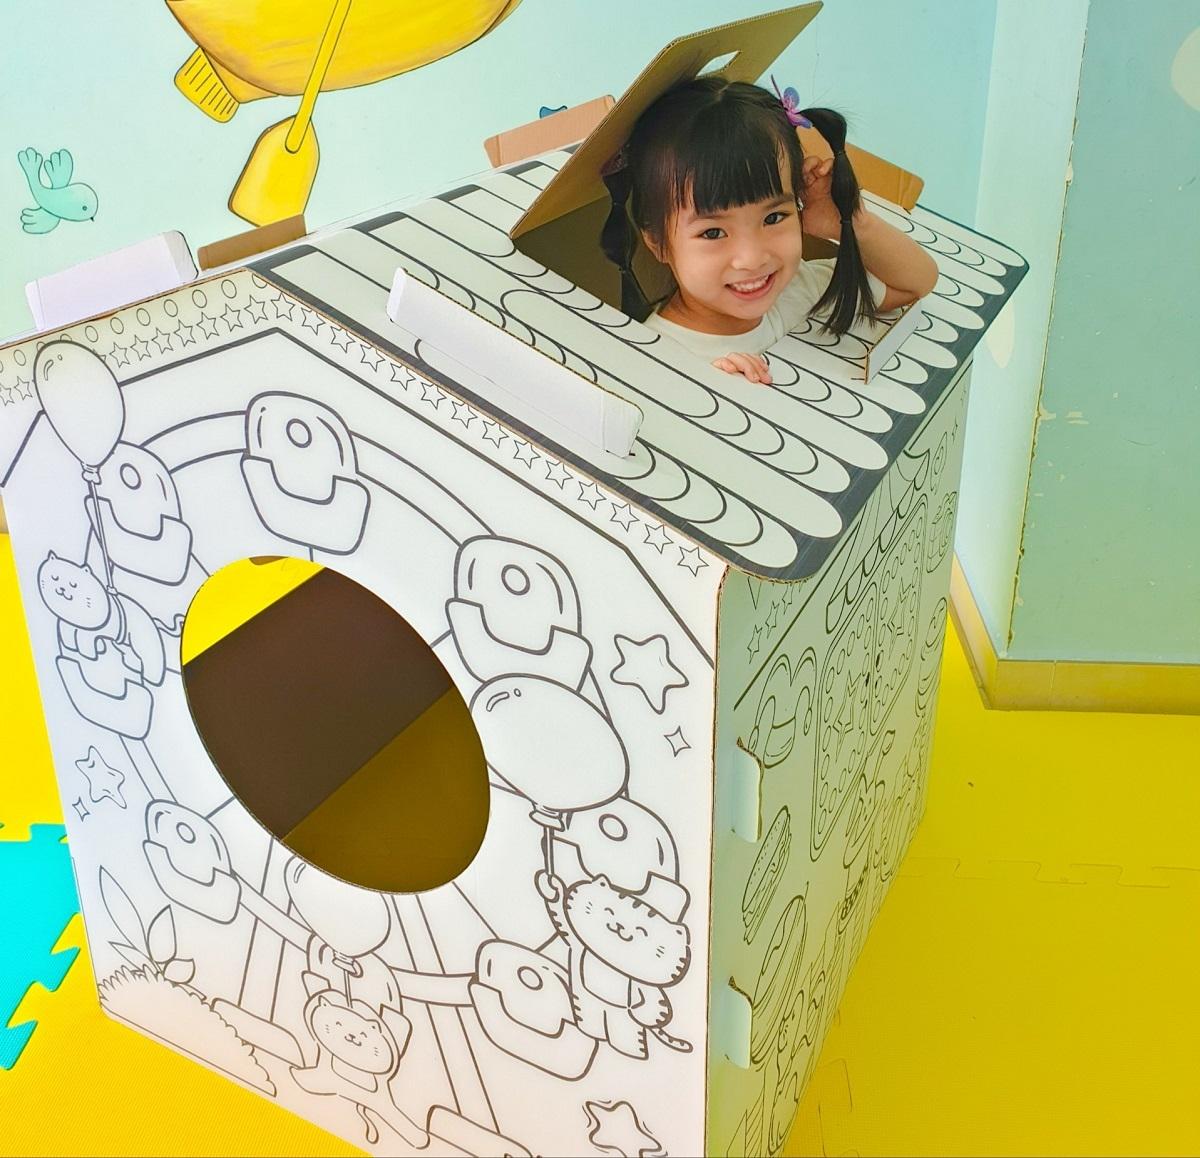 SCG ra mắt sản phẩm đồ chơi bằng giấy